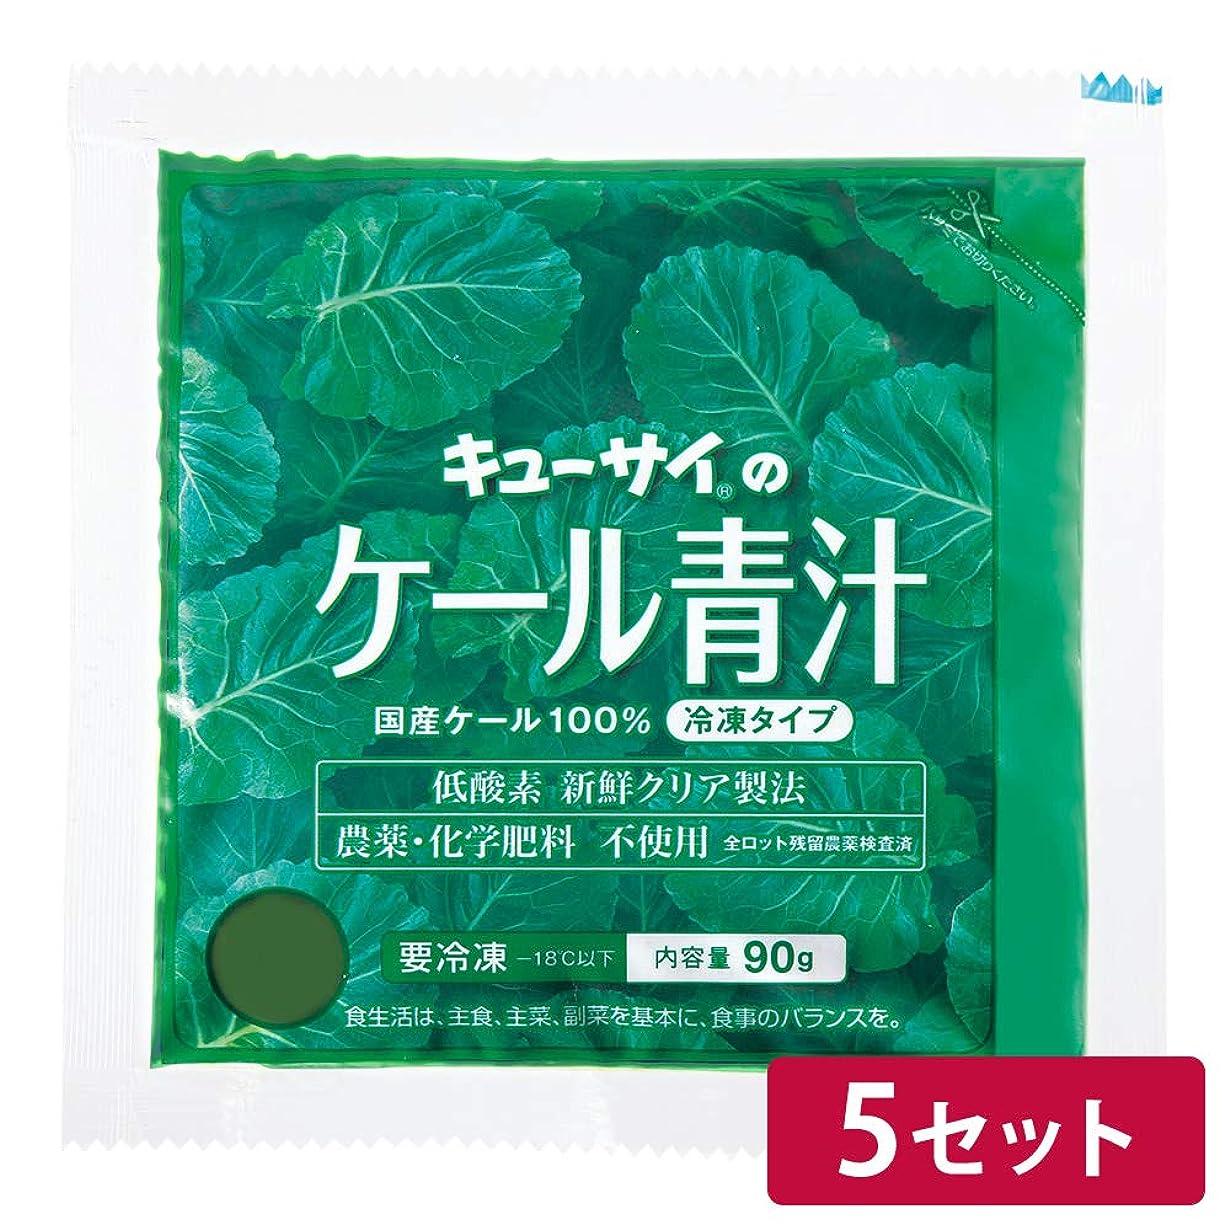 シンプルさアセンブリテナントキューサイ 青汁(冷凍タイプ)5セット/(90g×7袋)×5 国産ケール100% 青汁